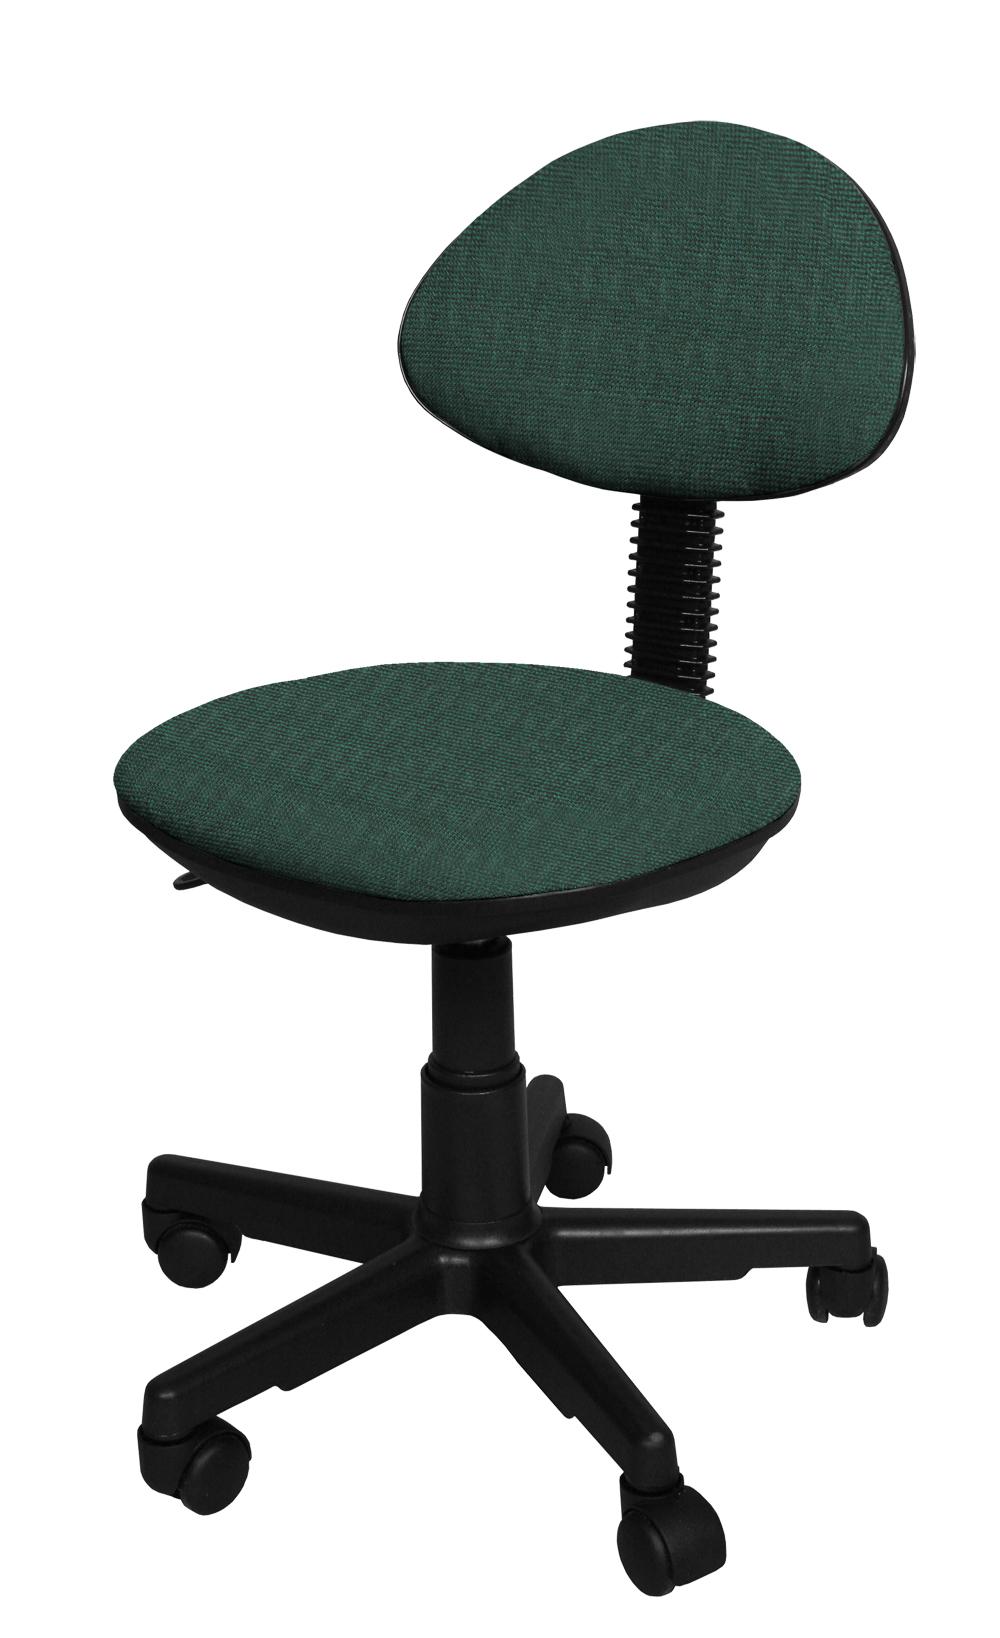 Компьютерное кресло Фактор Стар, черный/зеленый